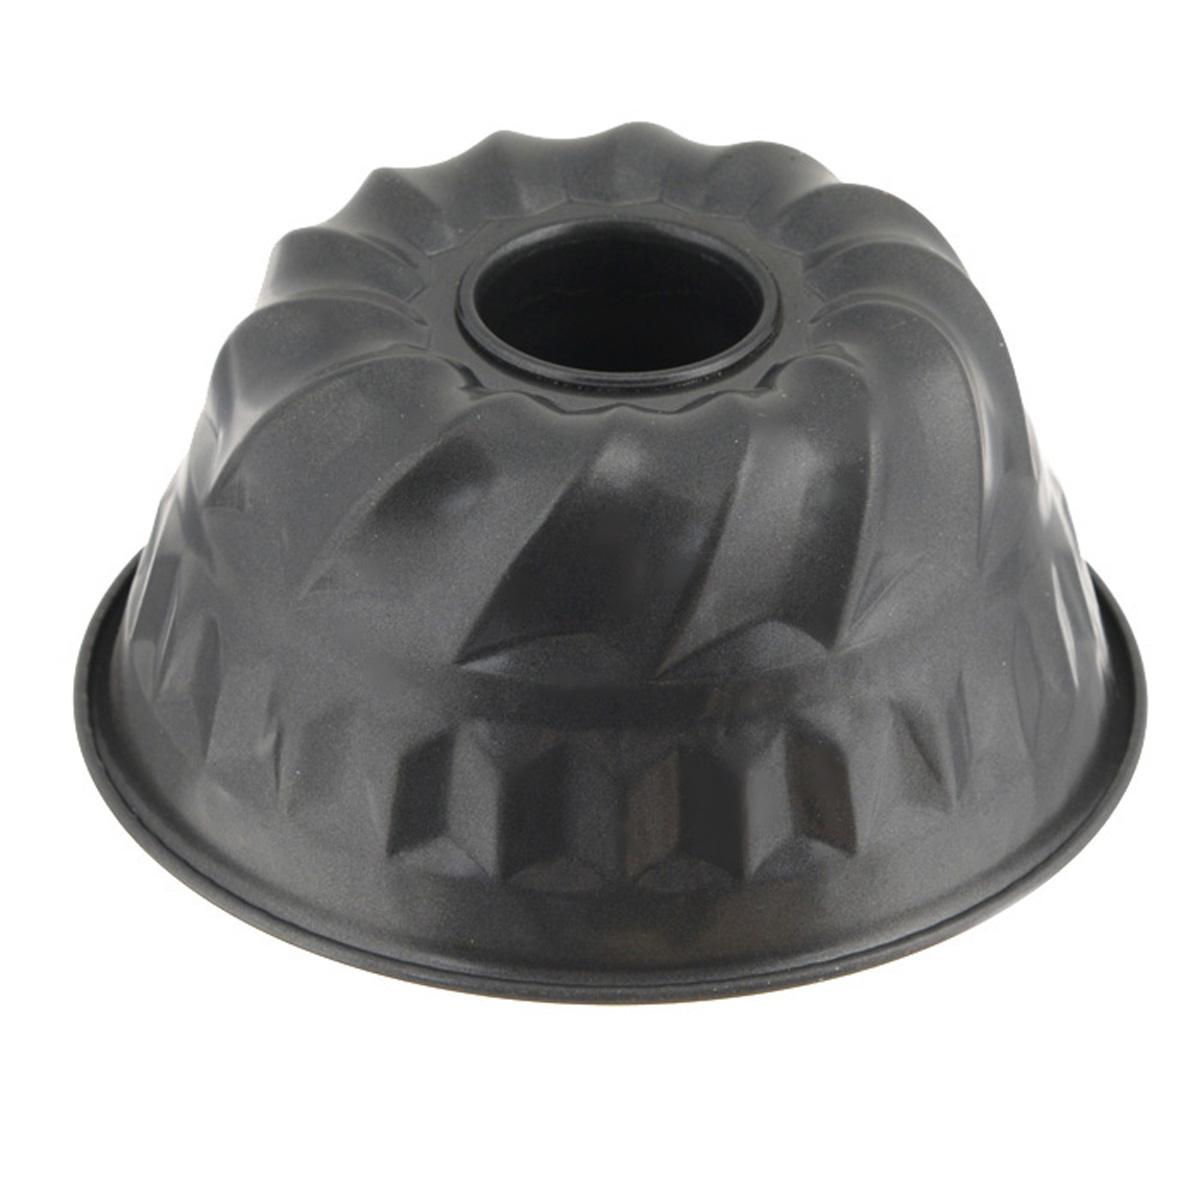 Форма для кекса Mayer & Boch, с антипригарным покрытием, круглая, диаметр 15 смFS-91909Форма для кекса Mayer & Boch изготовлена из углеродистой стали с антипригарным покрытием, благодаря чему пища не пригорает и не прилипает к стенкам посуды. Кроме того, готовить можно с добавлением минимального количества масла и жиров. Антипригарное покрытие также обеспечивает легкость мытья. Внутренние боковые стенки рельефные, что придаст вашей выпечке особую аппетитную форму. Подходит для использования в духовом шкафу. Не подходит для СВЧ-печей. Рекомендуется ручная чистка. Используйте только деревянные и пластиковые лопатки. Высота стенок: 5 см.Диаметр (по верхнему краю): 15 см.Диаметр основания: 9,5 см.